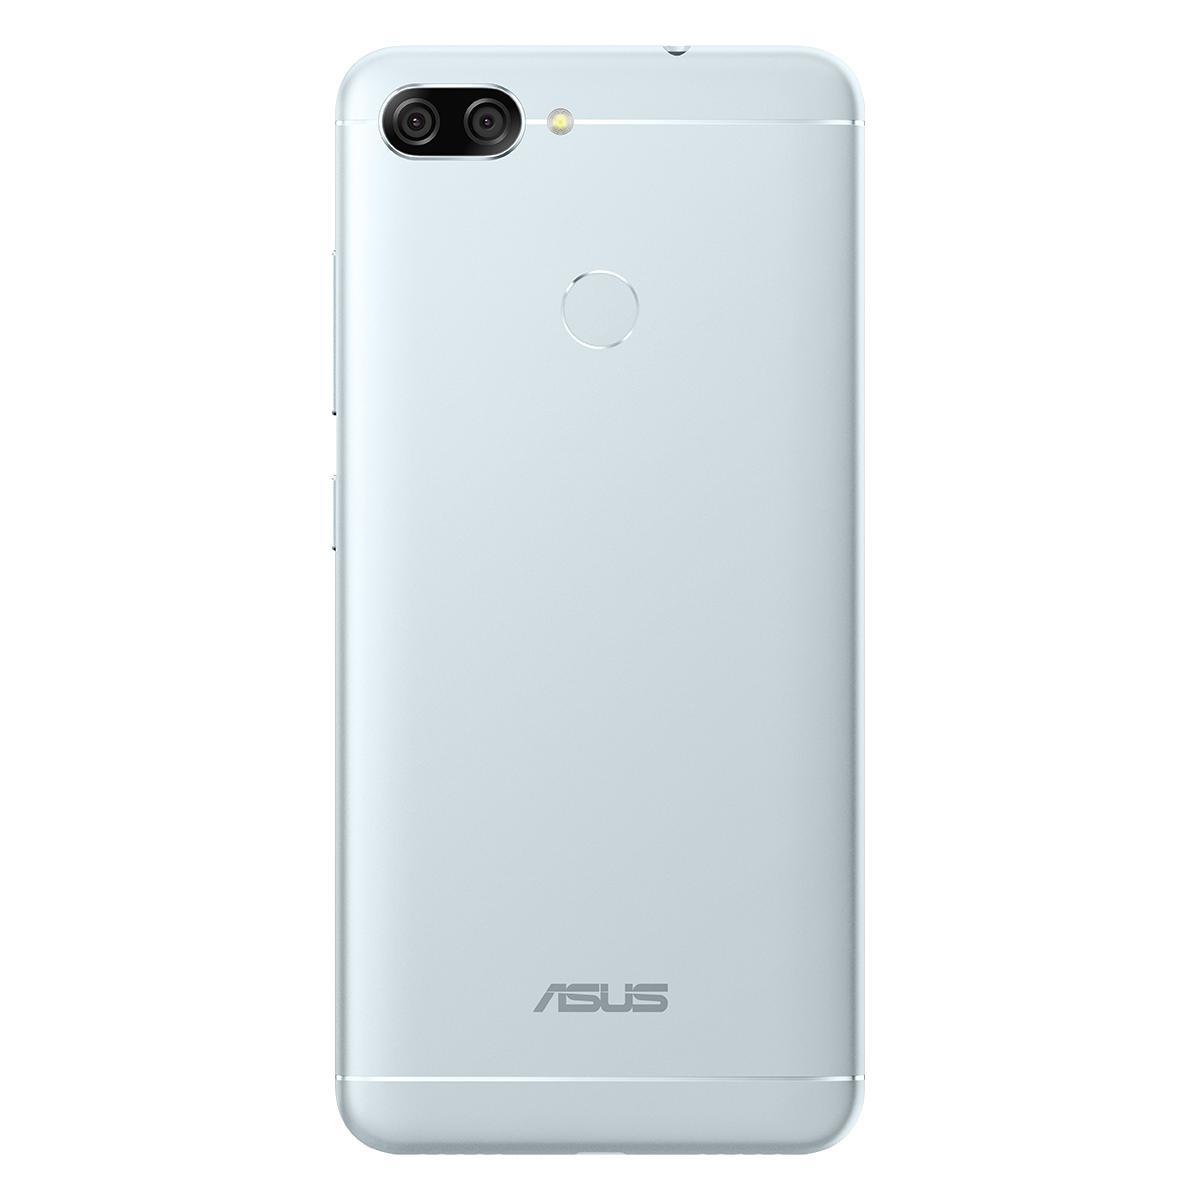 Asus ZB570TL-4D034WW